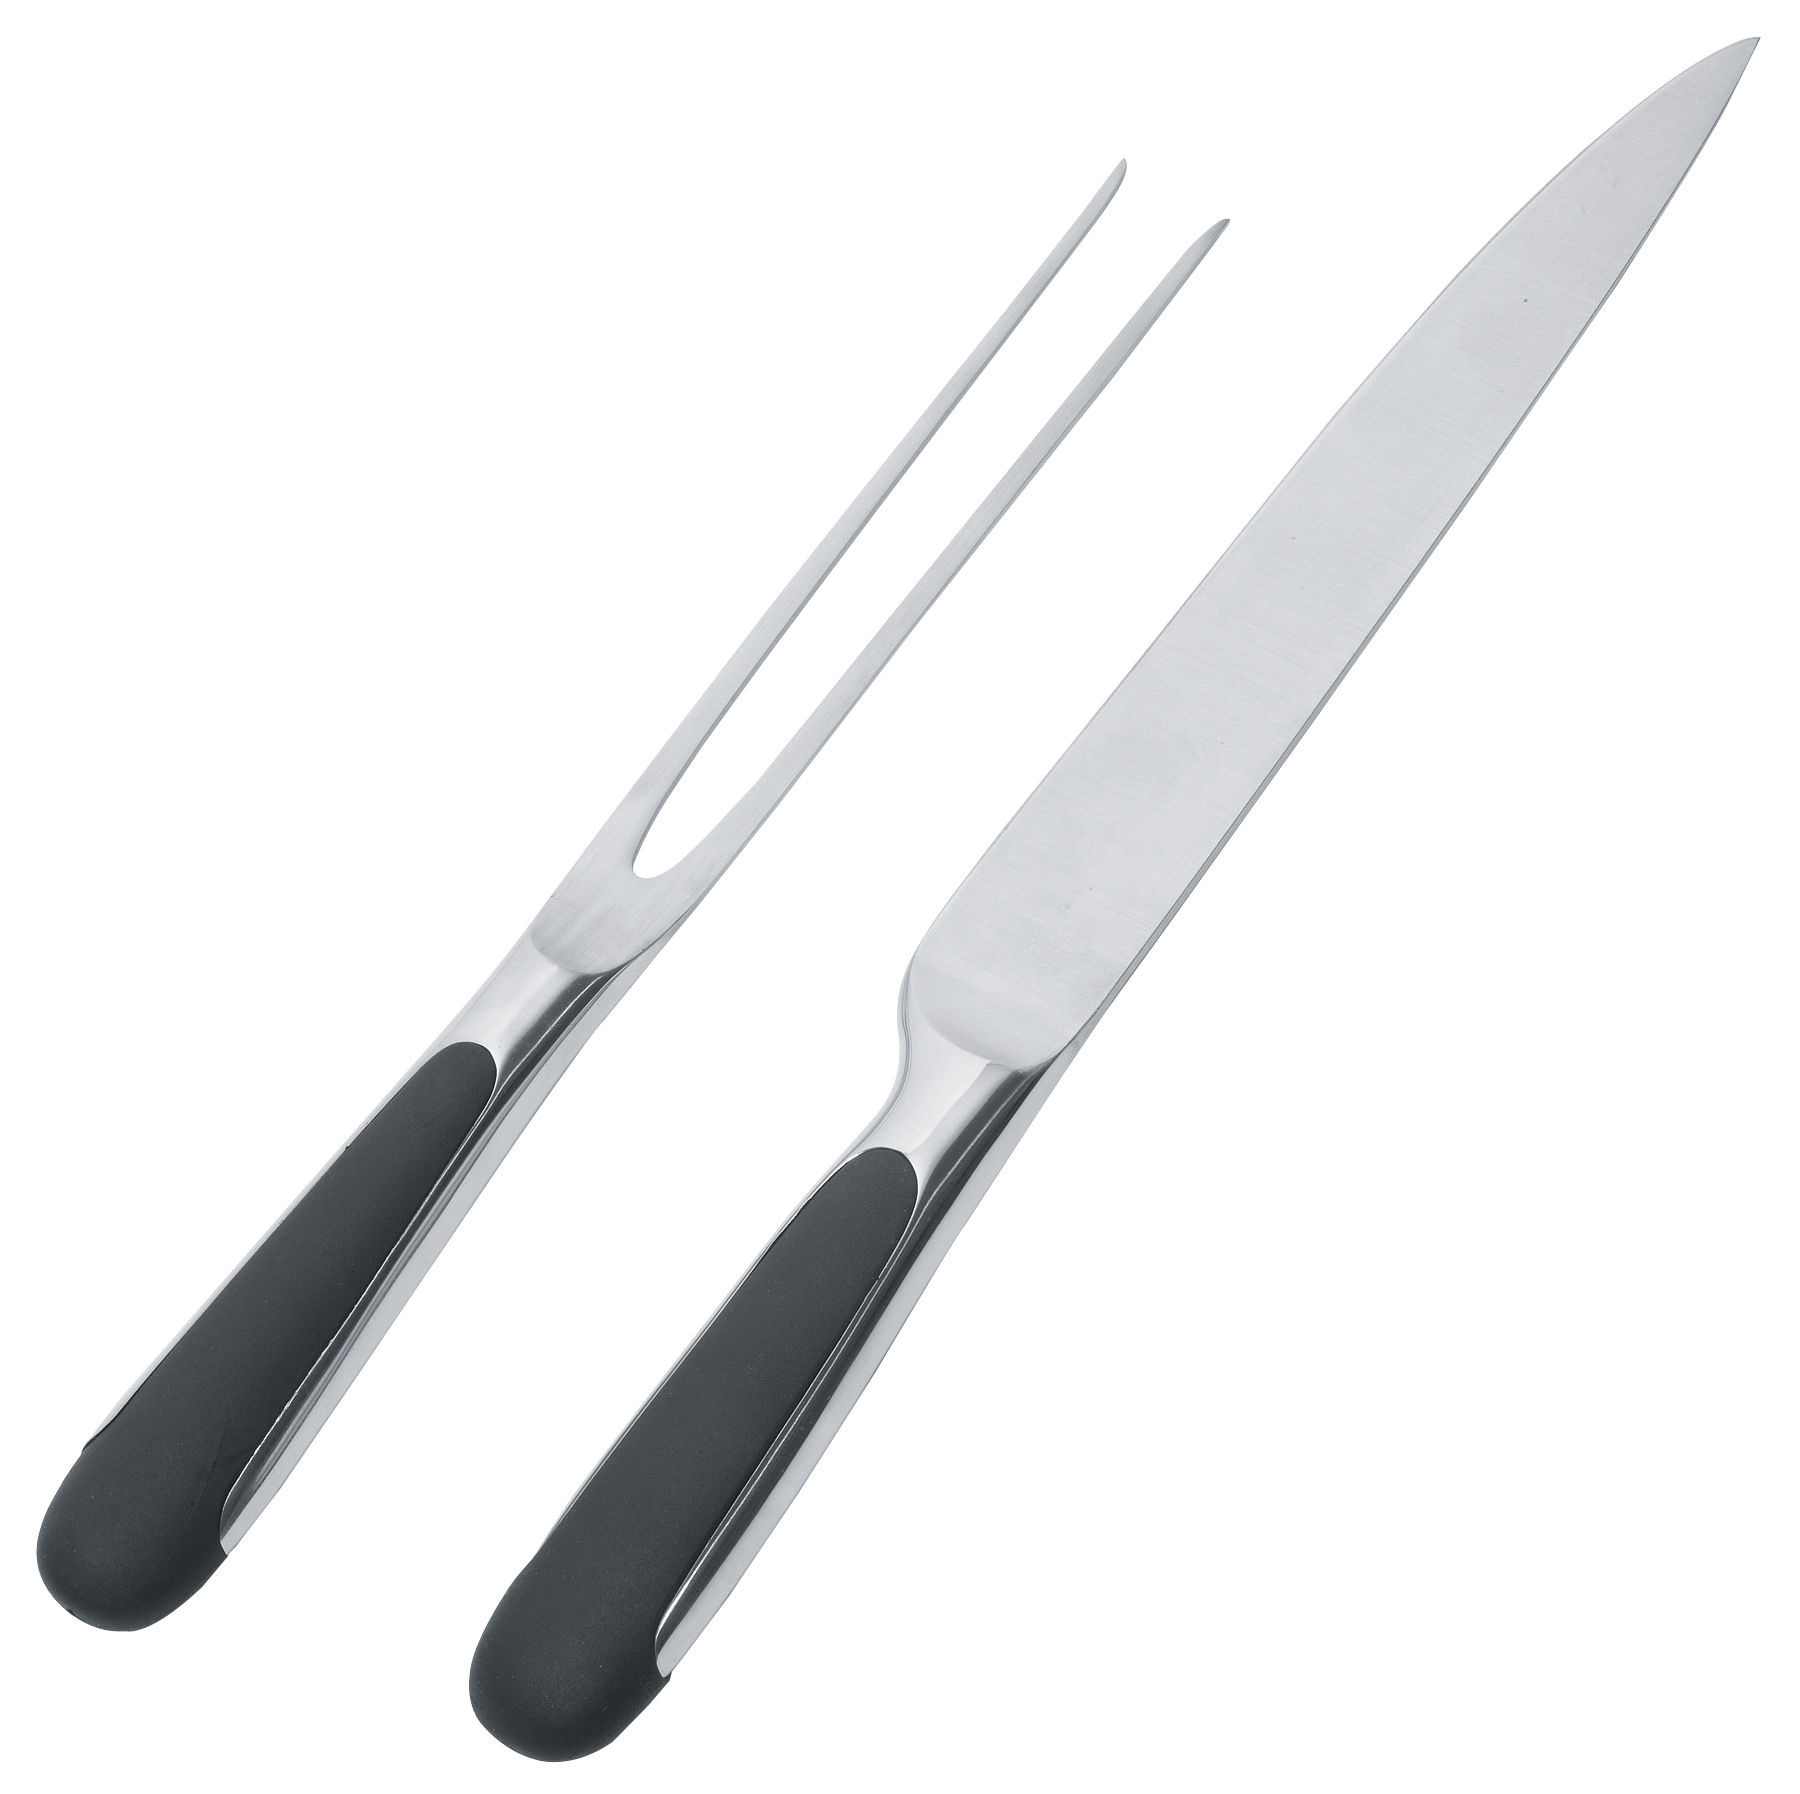 Cuisine - Couteaux de cuisine - Service à découper Mami / Set fourchette + couteau - Alessi - Acier - Noir - Acier forgé, TPE